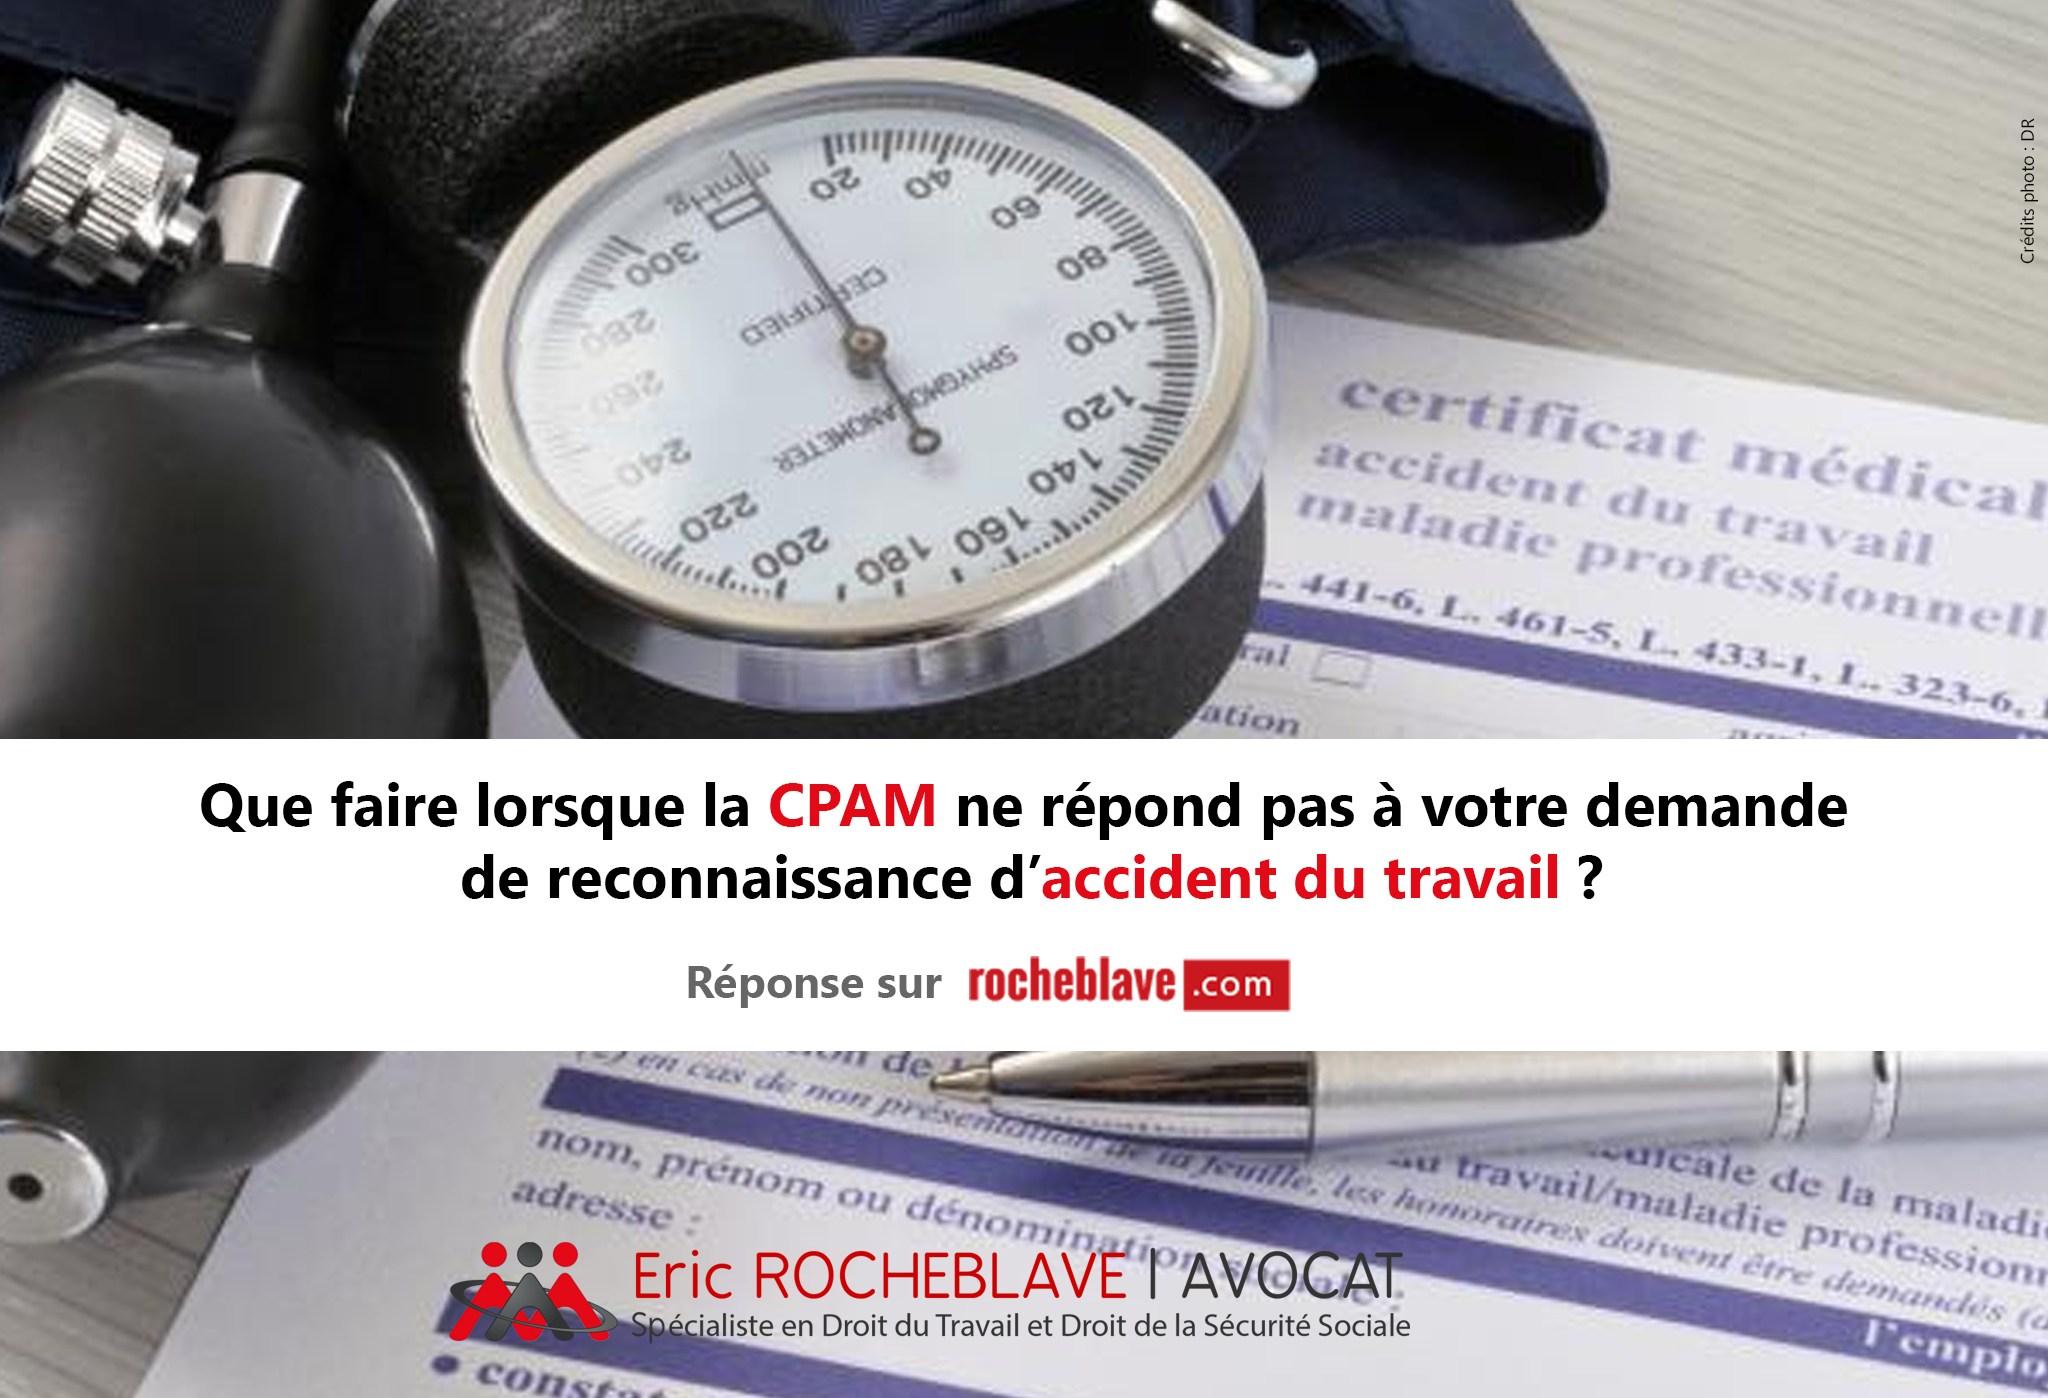 Que faire lorsque la CPAM ne répond pas à votre demande de reconnaissance d'accident du travail ?